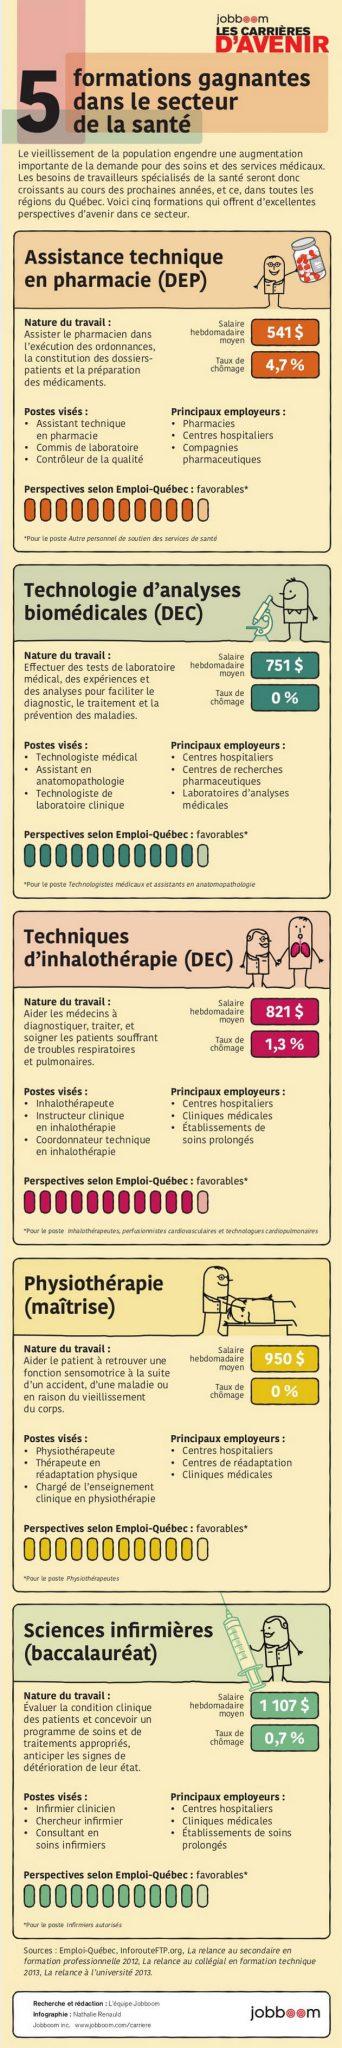 formaciones-ganadoras-salud-qc-2015